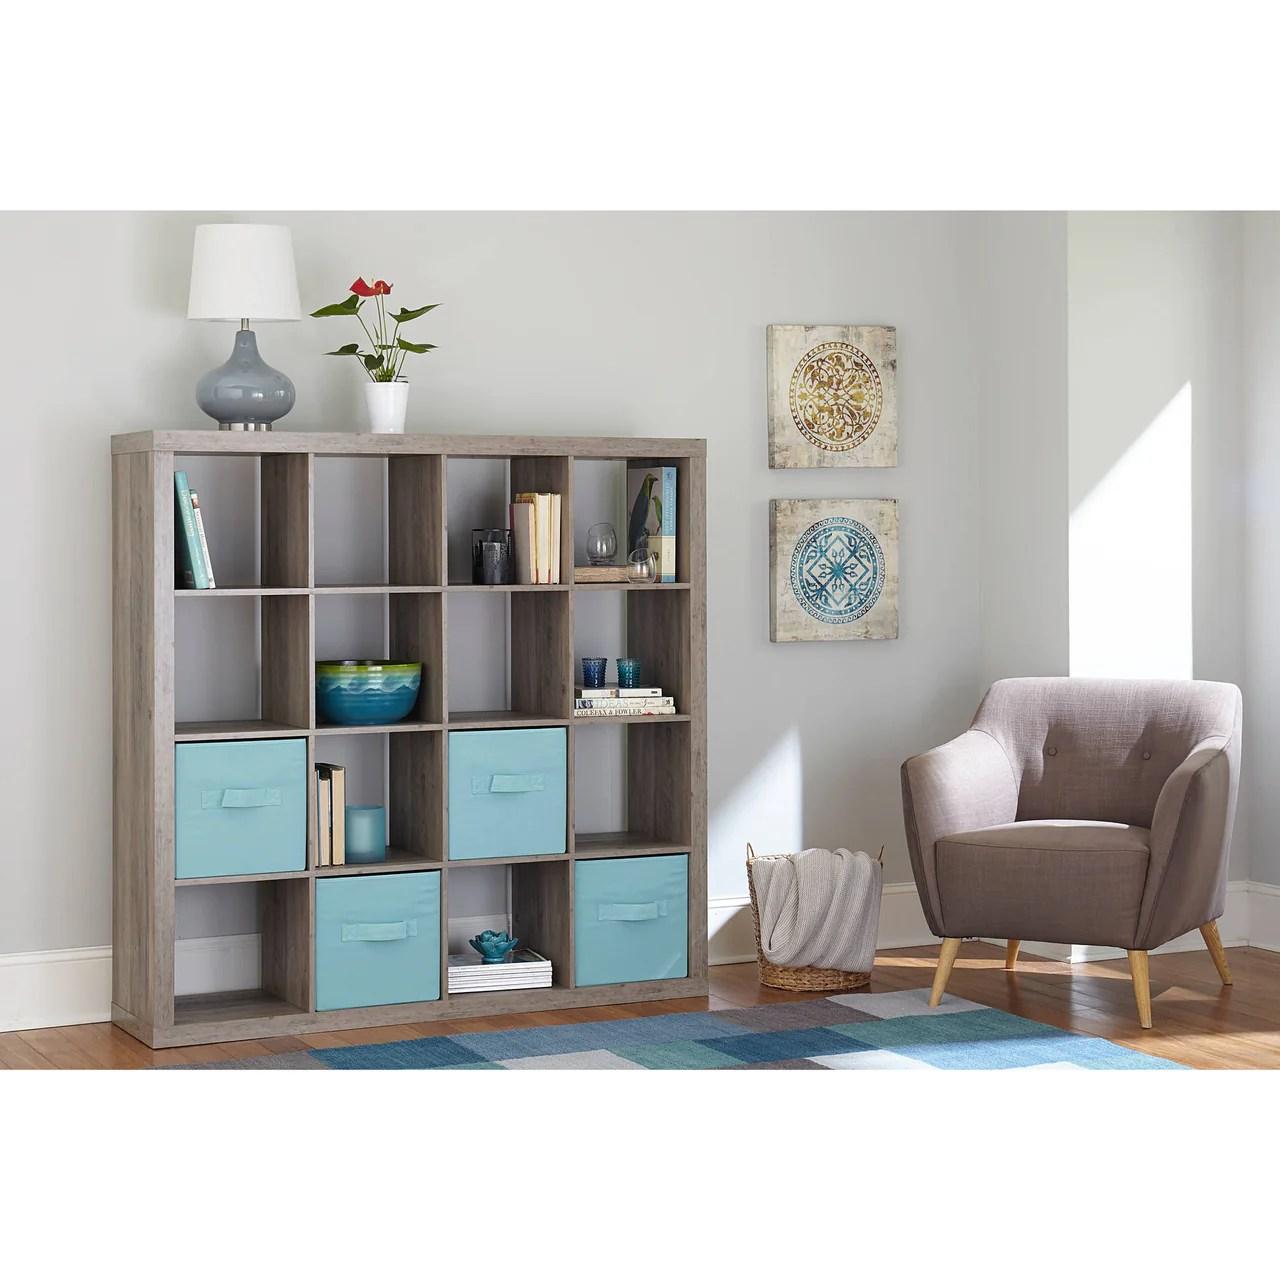 16 Cube Storage Organizer Cubby Shelf Bookcase Rustic Grey Farmhouse